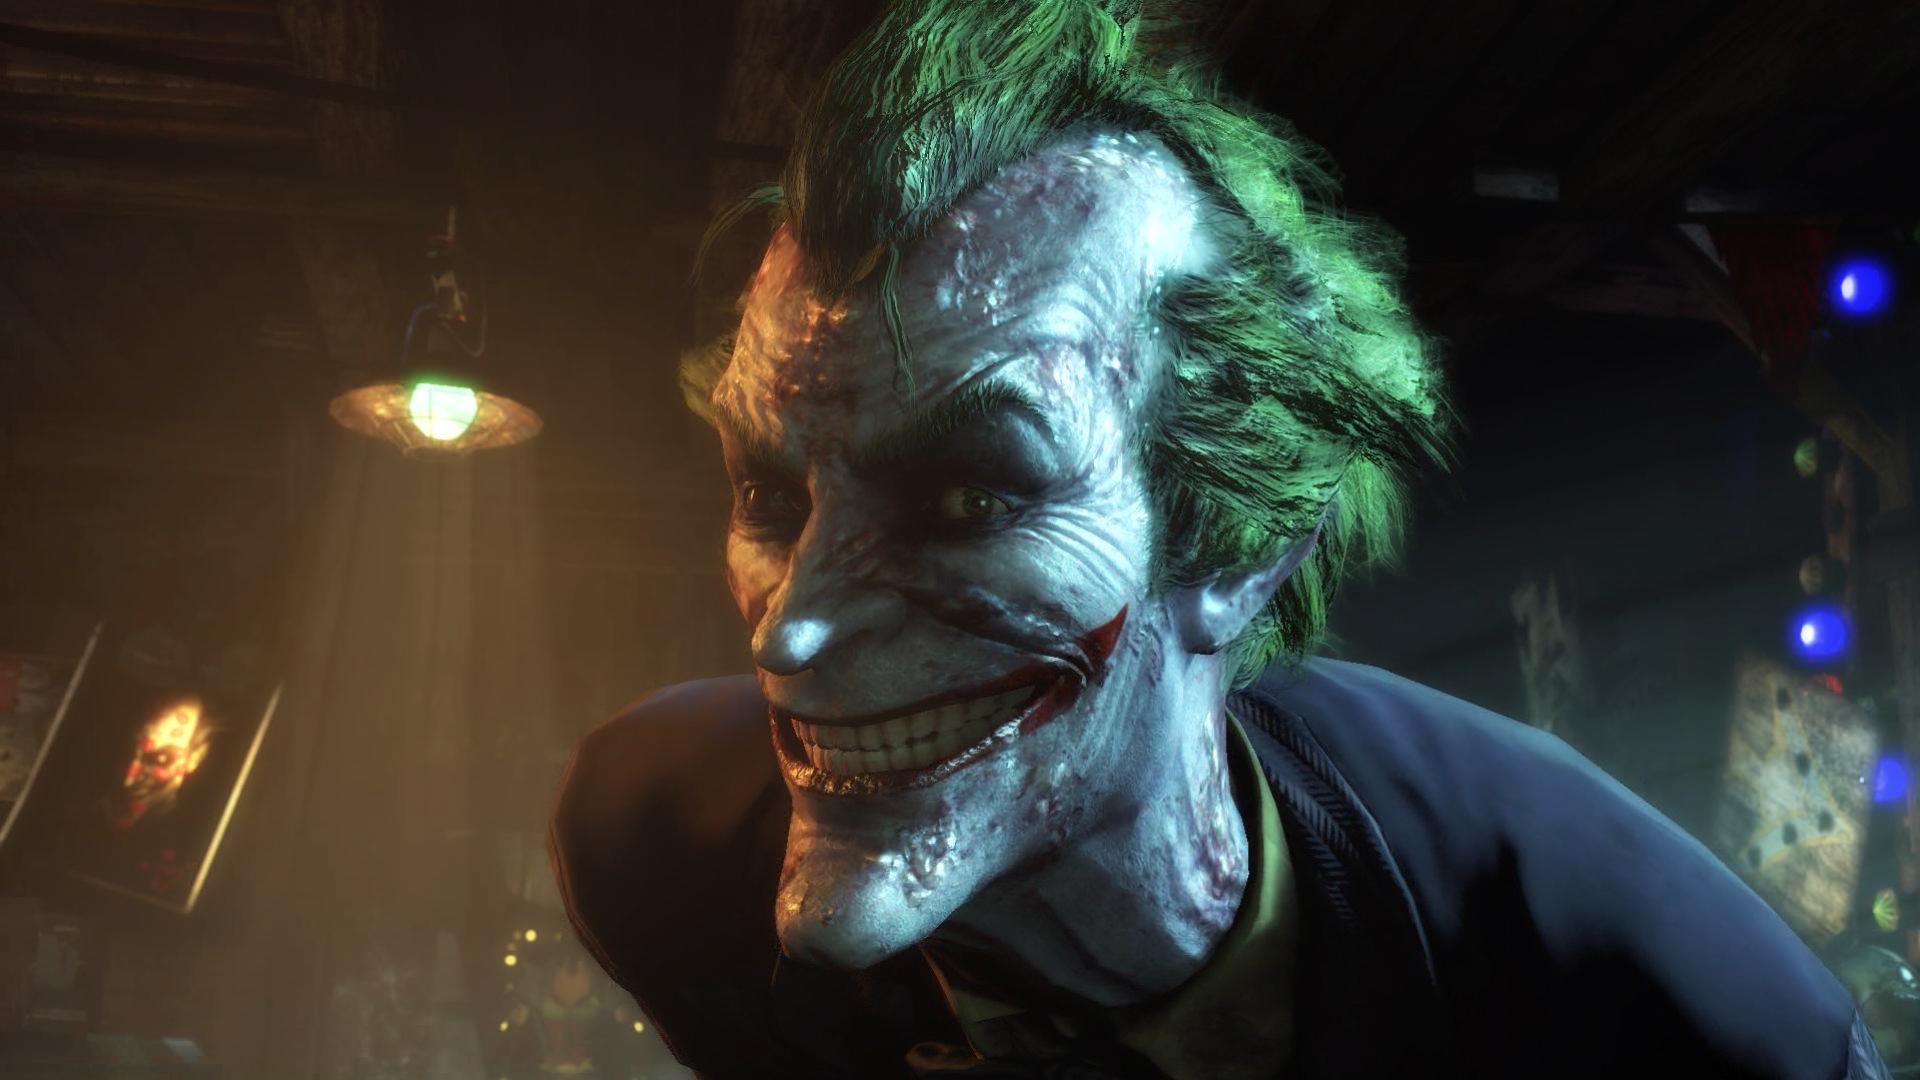 Batman Arkham City   Joker by Gelvuun 1920x1080